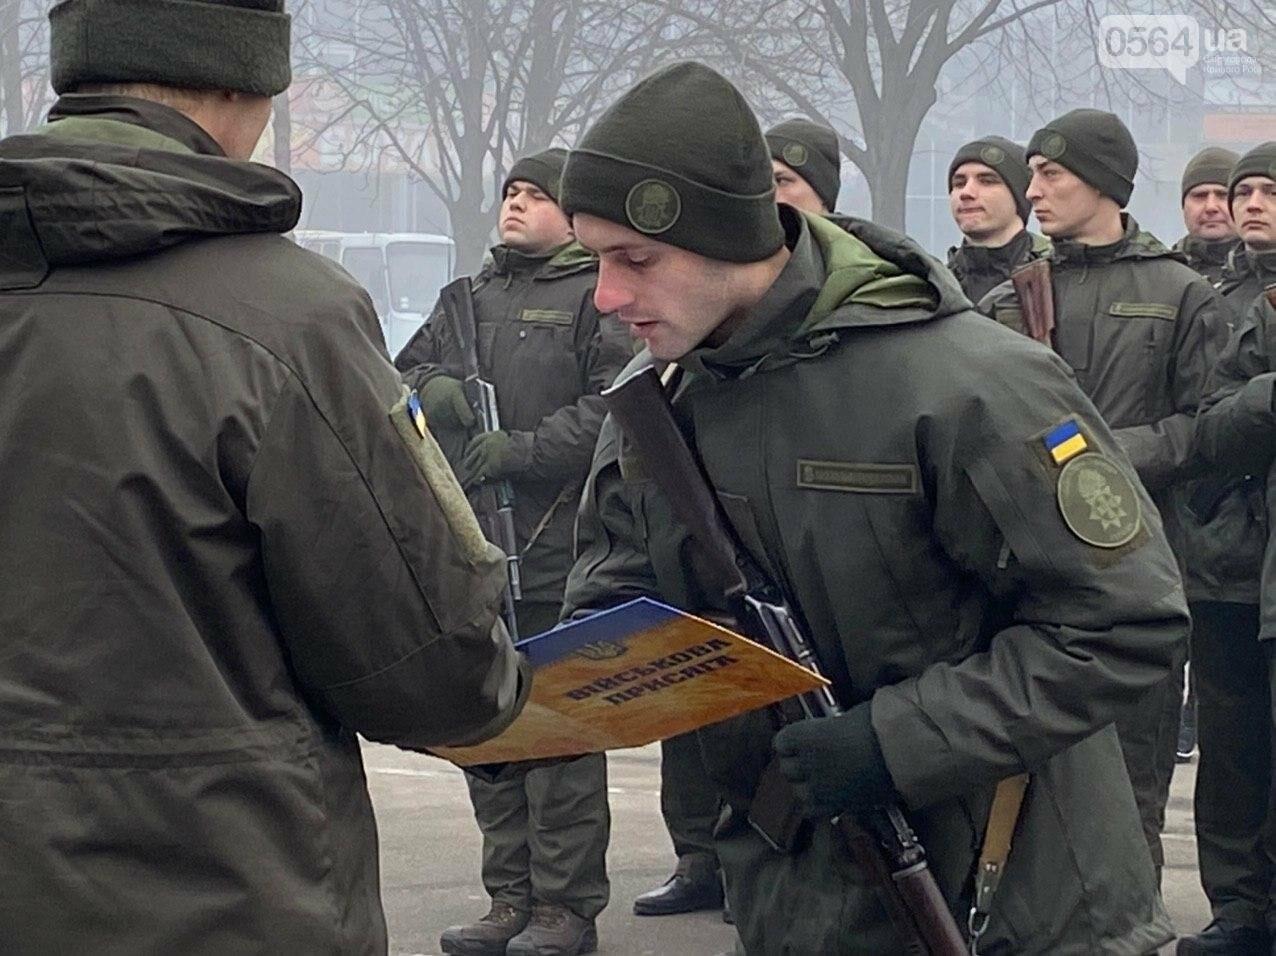 В Кривом Роге на верность украинскому народу присягнули 43 нацгвардейца, - ФОТО, ВИДЕО , фото-34